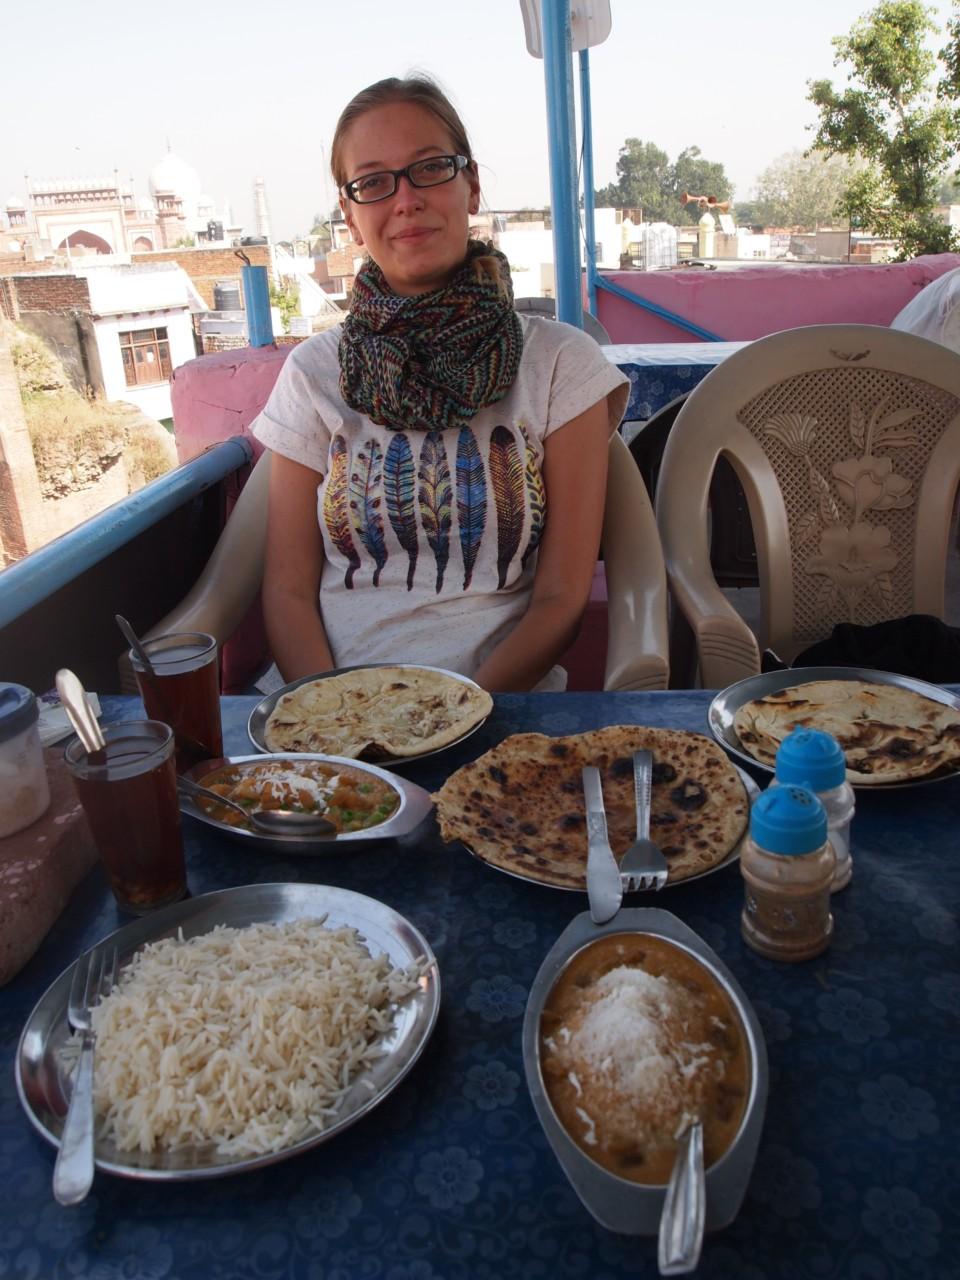 Günstiges, viel leckeres Essen und ein schöner Ausblick auf das Taj Mahal. Was will man mehr?